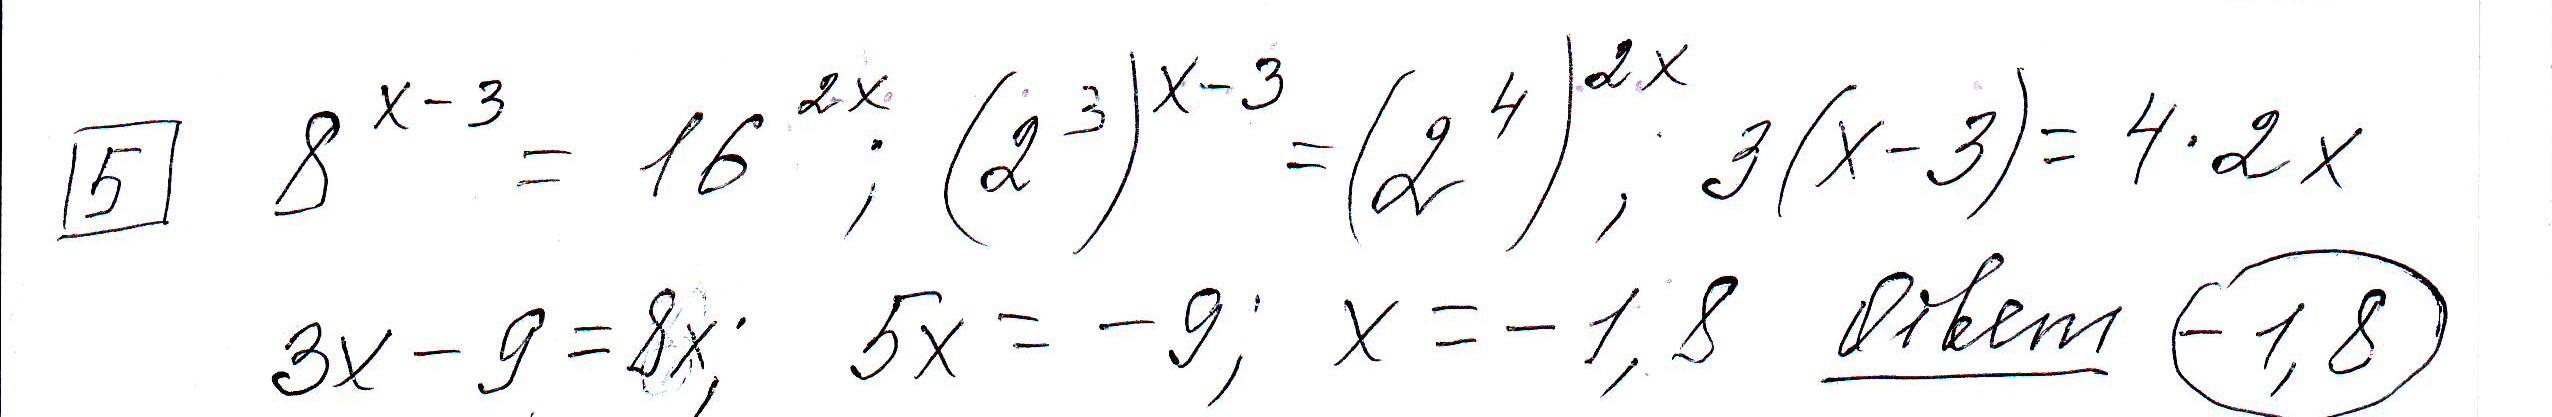 Задние 5, Вариант 2, решение и ответ - Ященко ЕГЭ 2019 математика профиль 36 вариантов